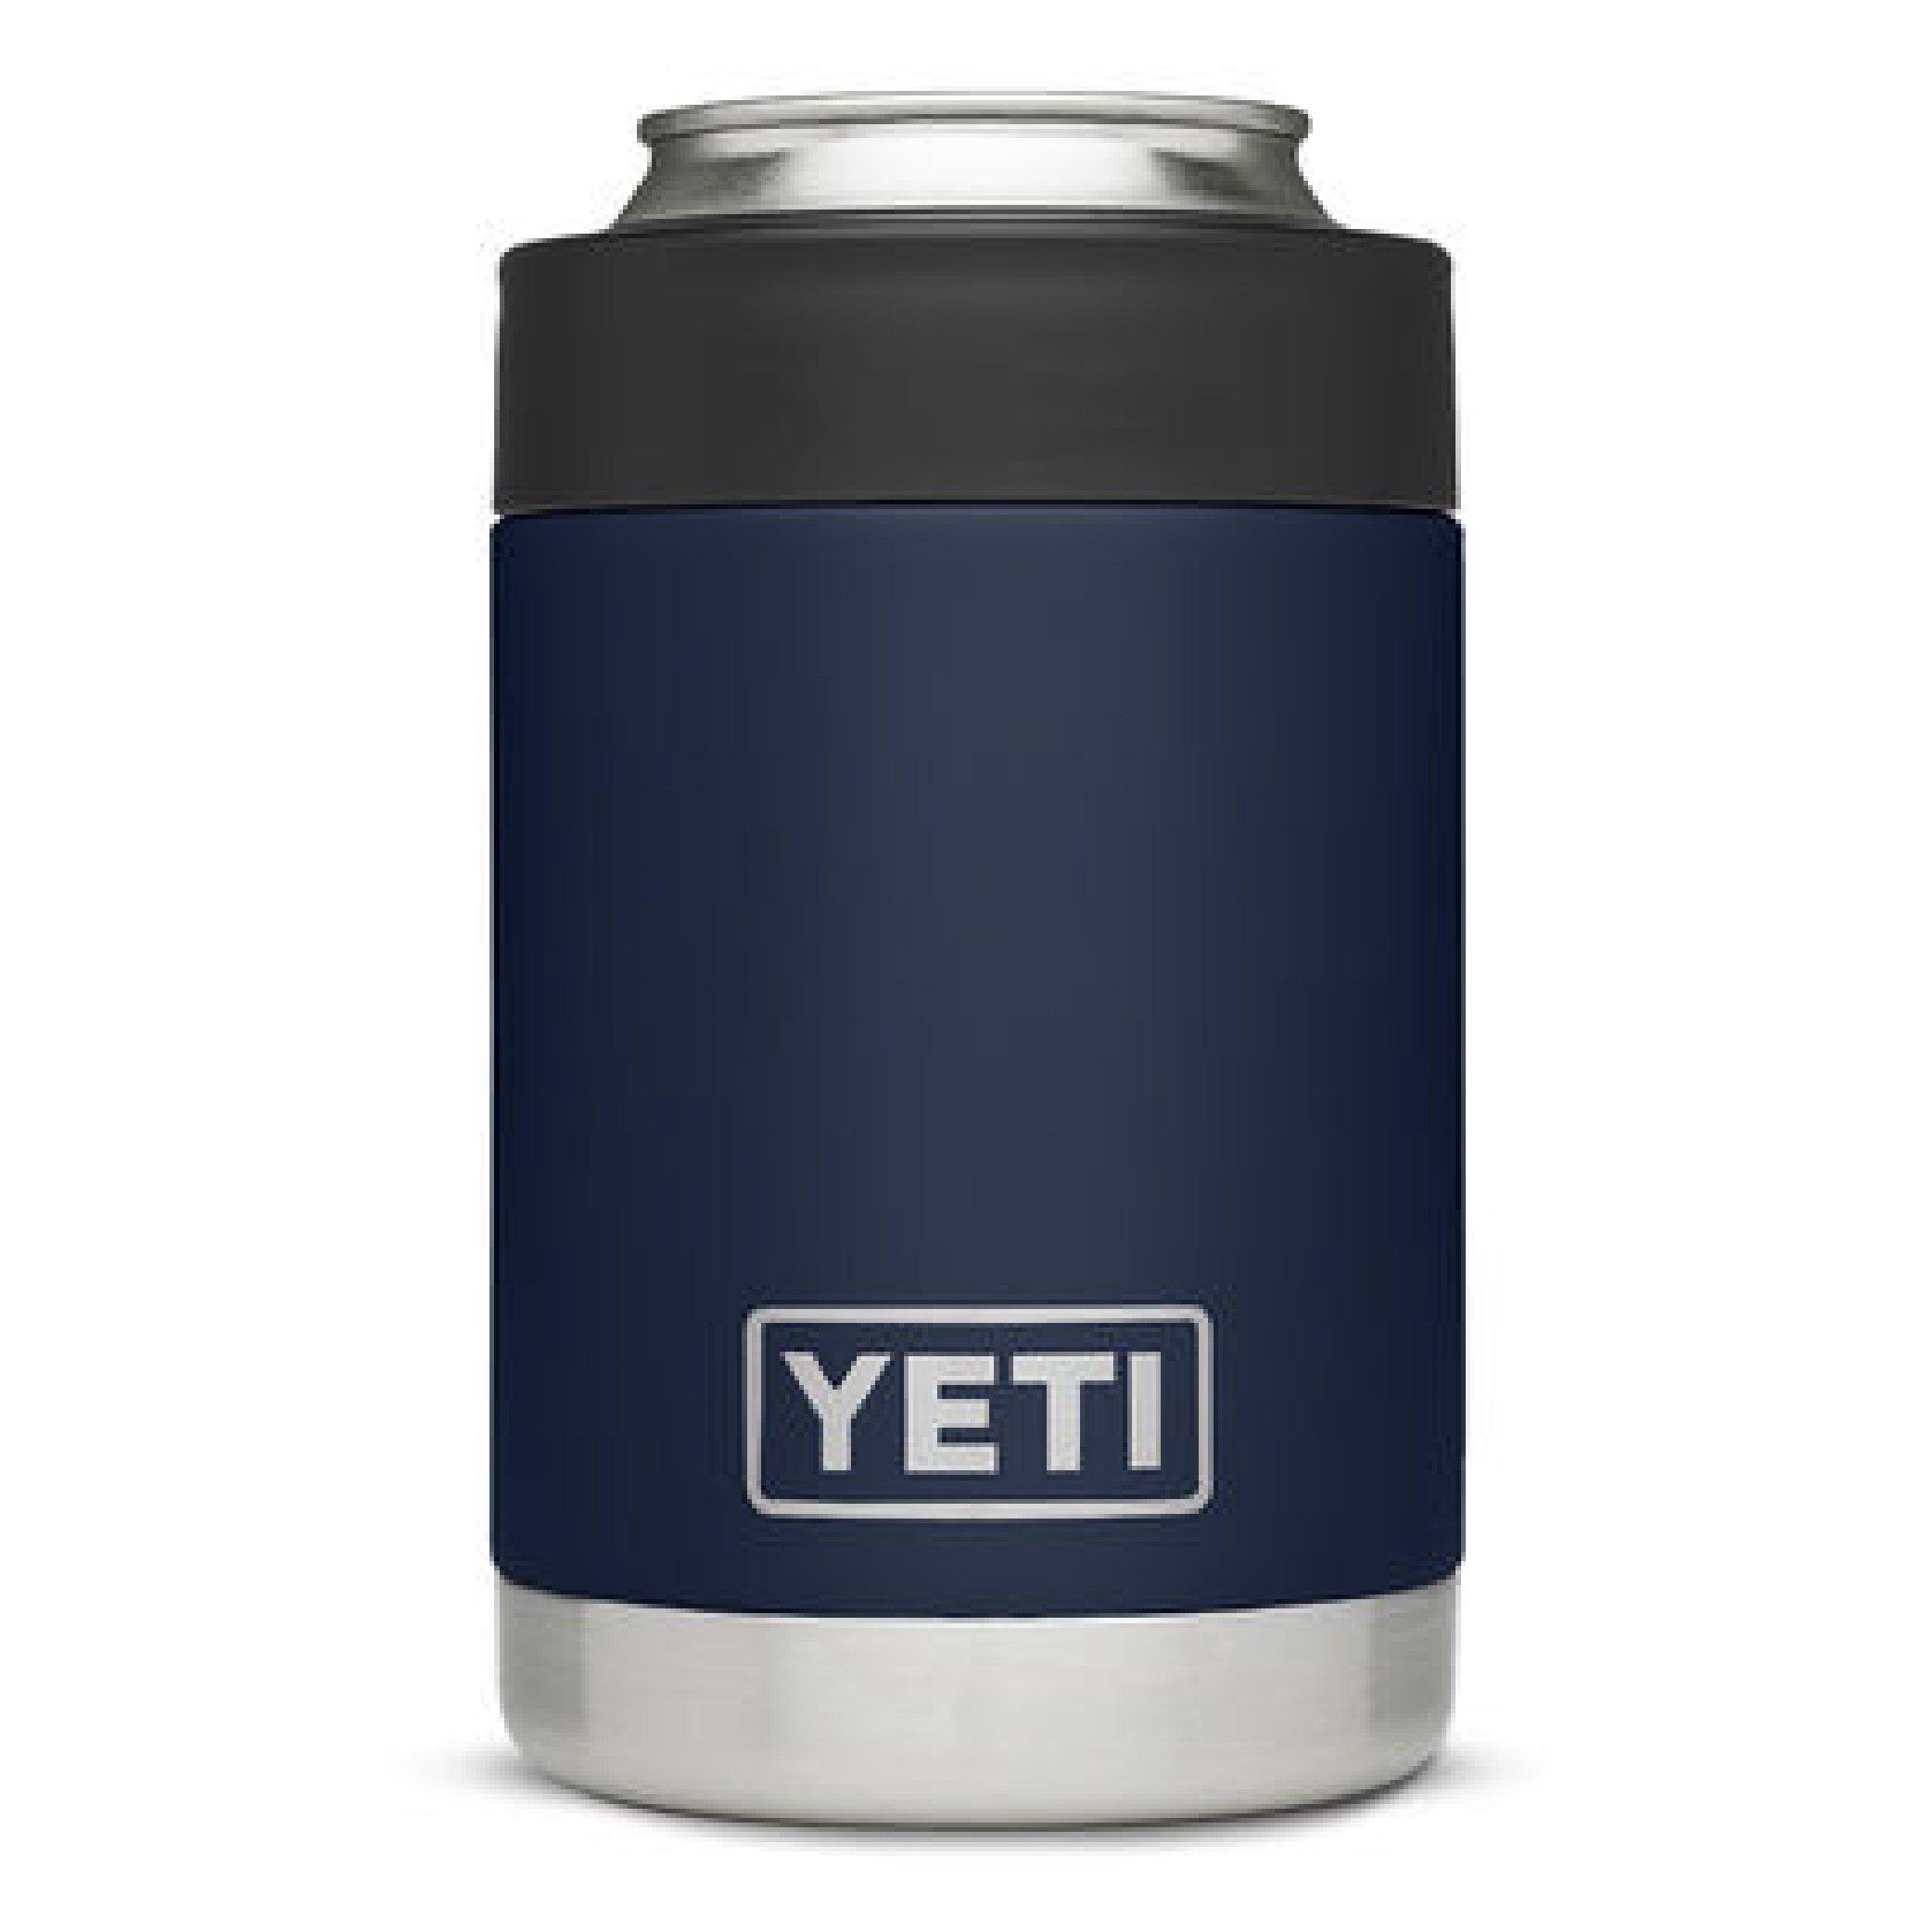 Yeti Rambler Colster:  https://ironbowflyshop.ca/products/yeti-rambler-colster